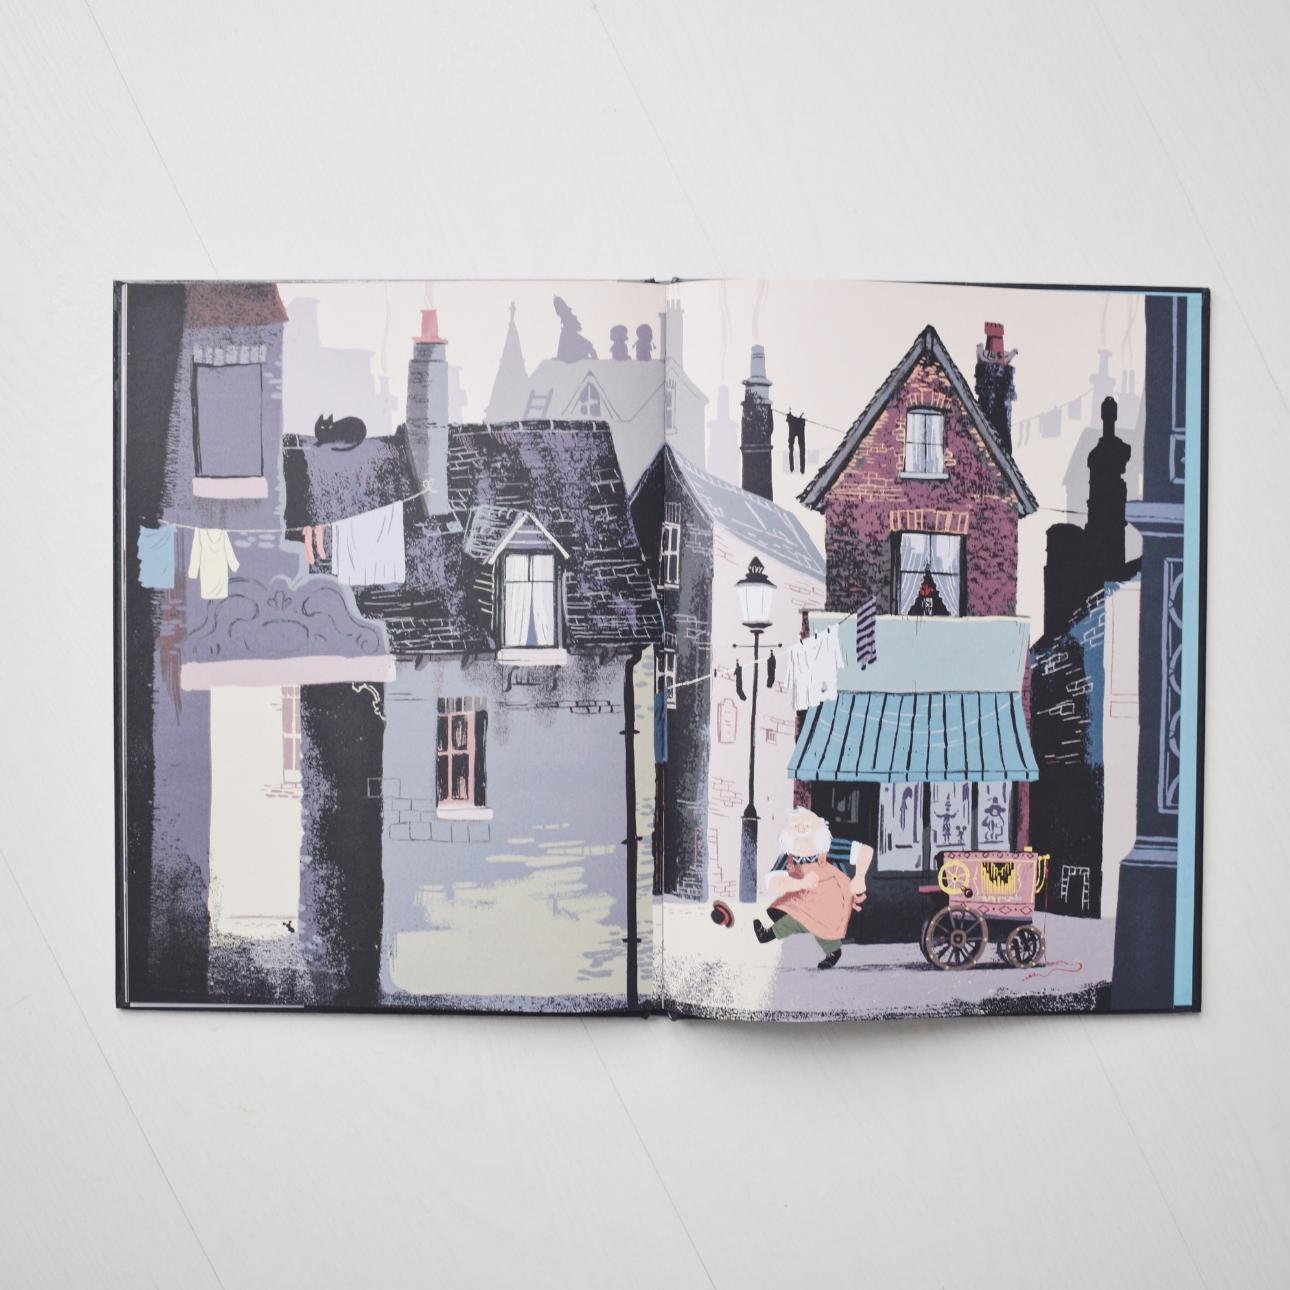 prentenboek de grotteling benji davies binnenkant